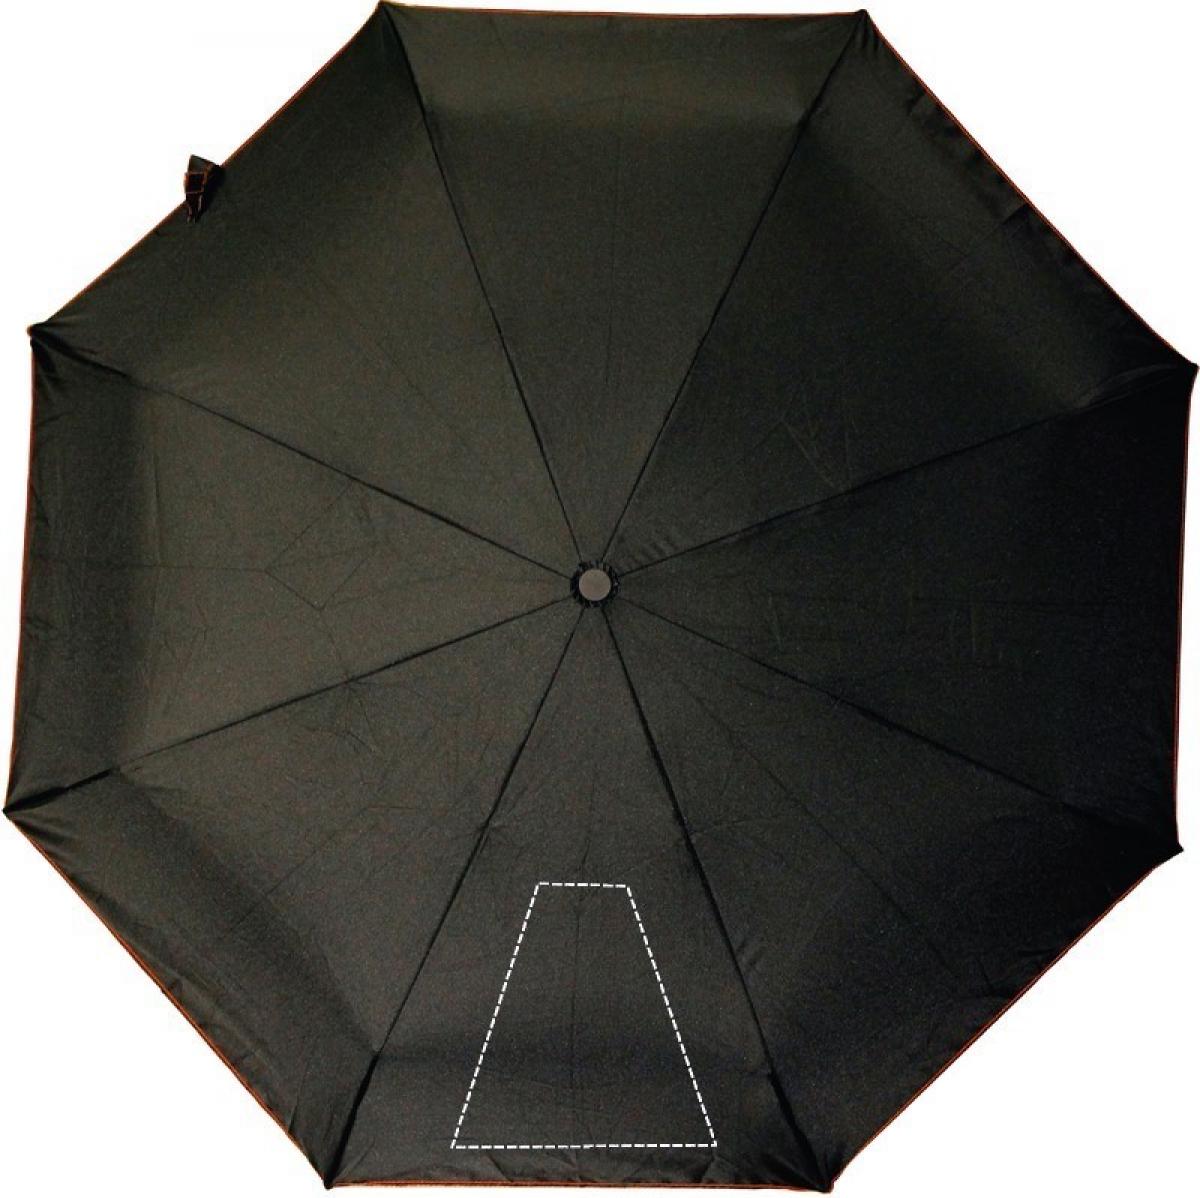 Skye foldable opvouwbare paraplu - Panel 1